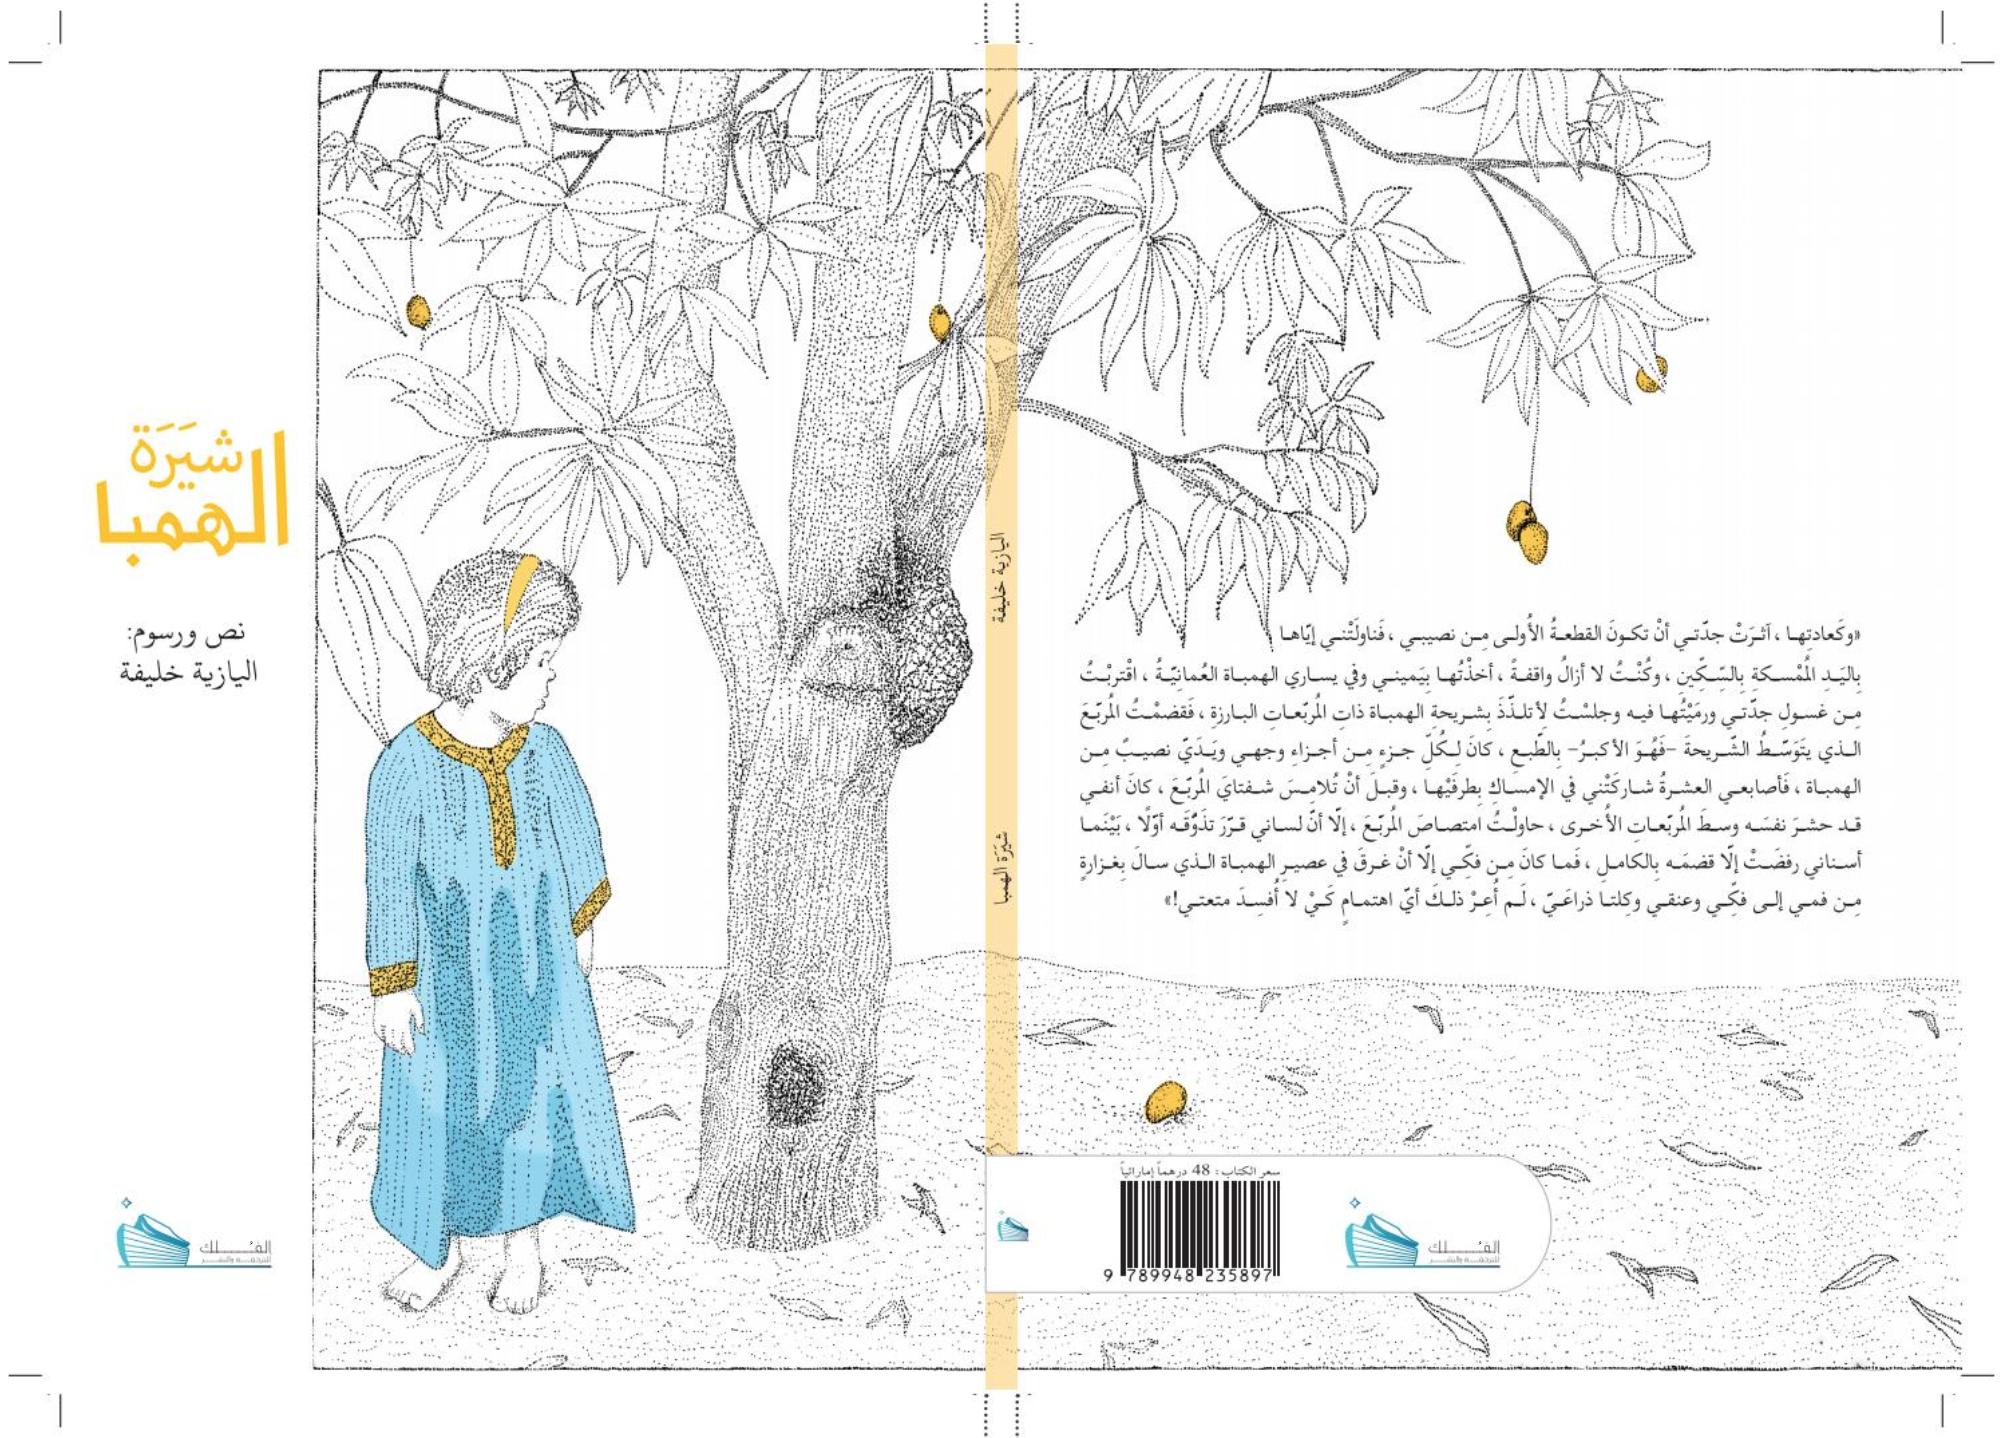 كتاب شيرة الهمبا